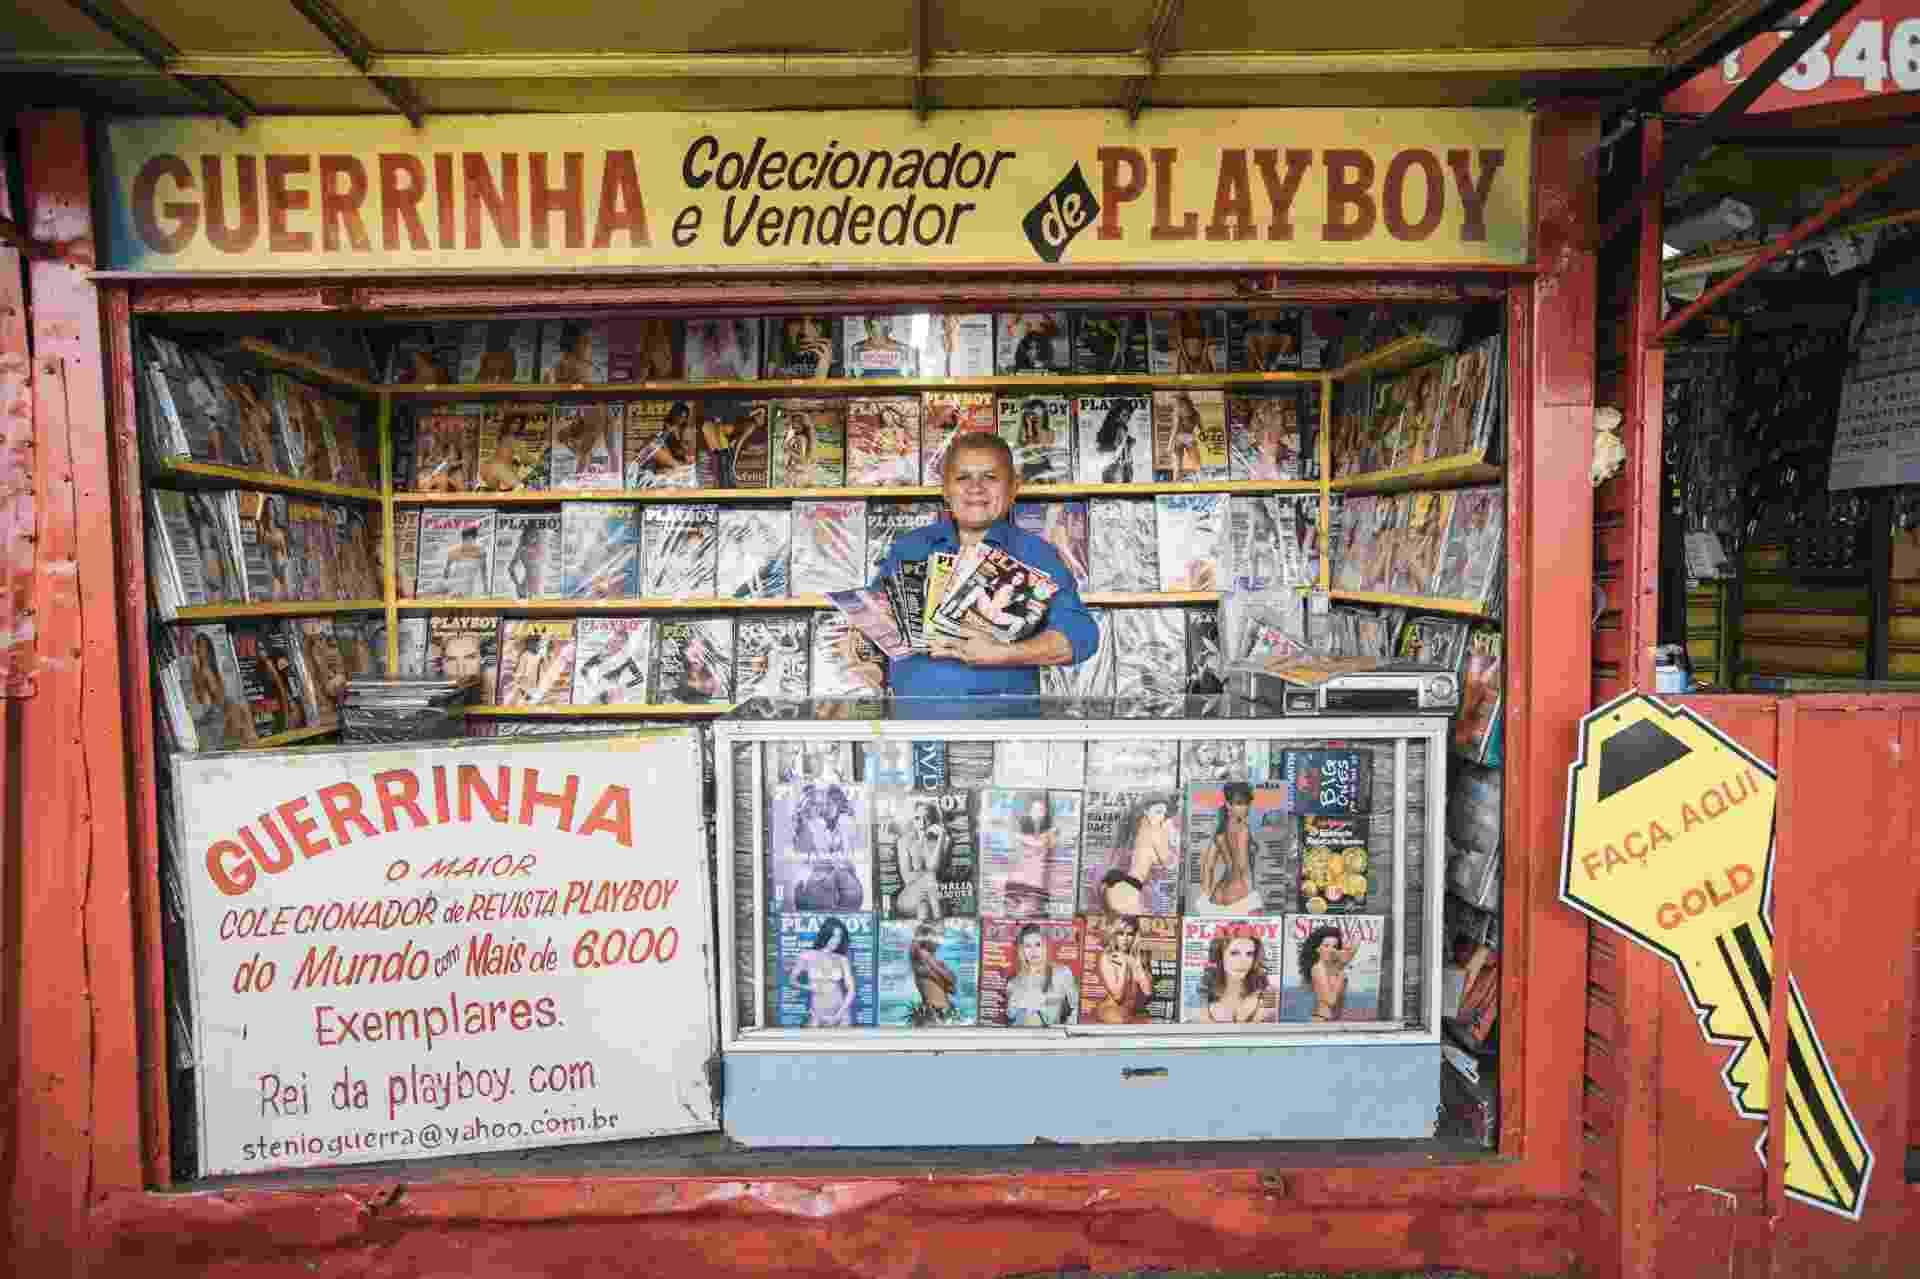 Diferentemente do que diz a pintura na porta da banca, já são mais de 8 mil exemplares na coleção de Guerrinha - Lucas Lima/UOL